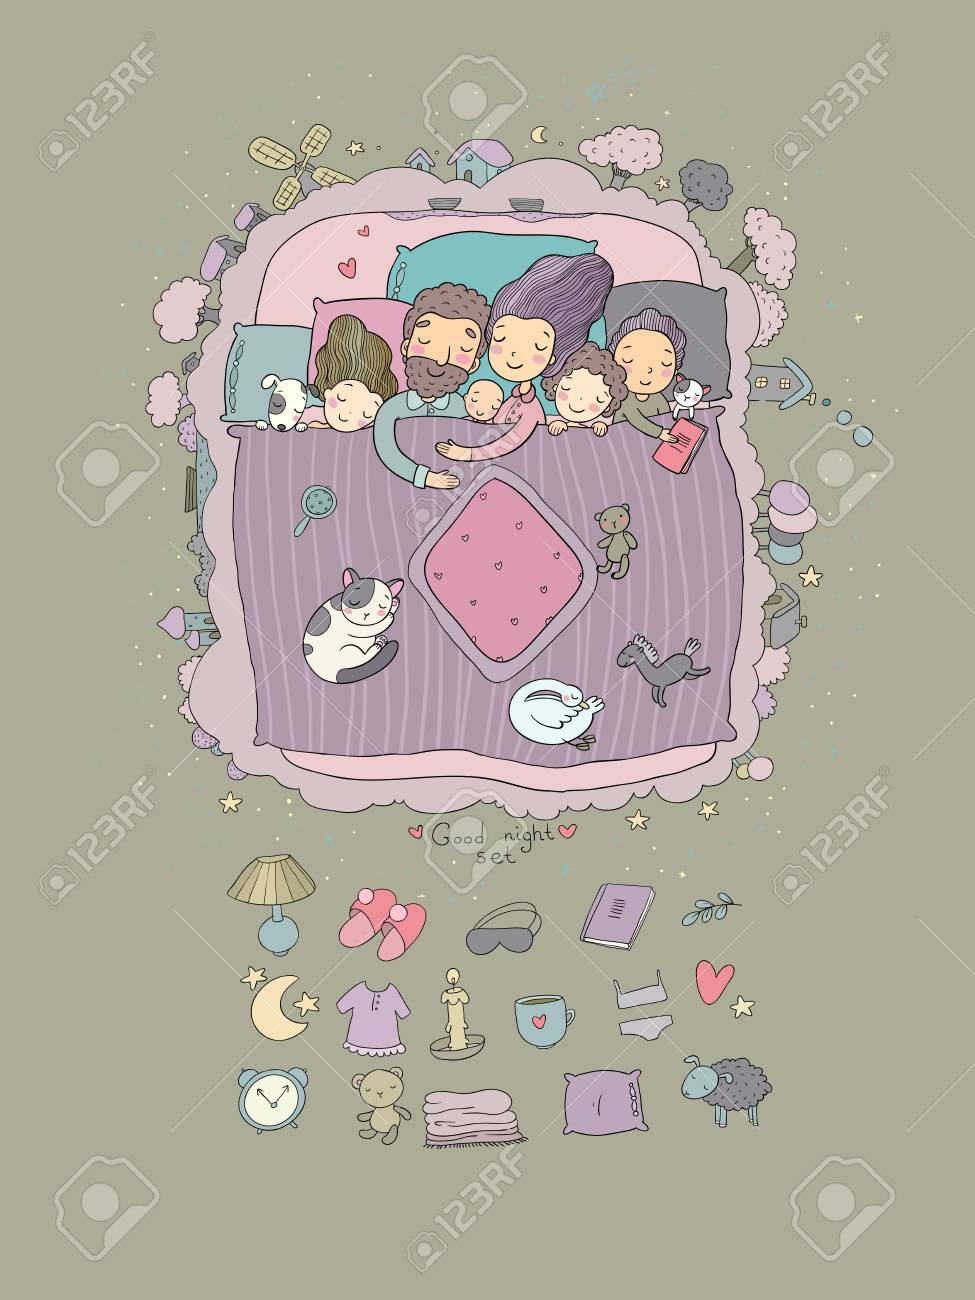 06e4b5bfbd The Family Sleeps In Bed. Cartoon Mom